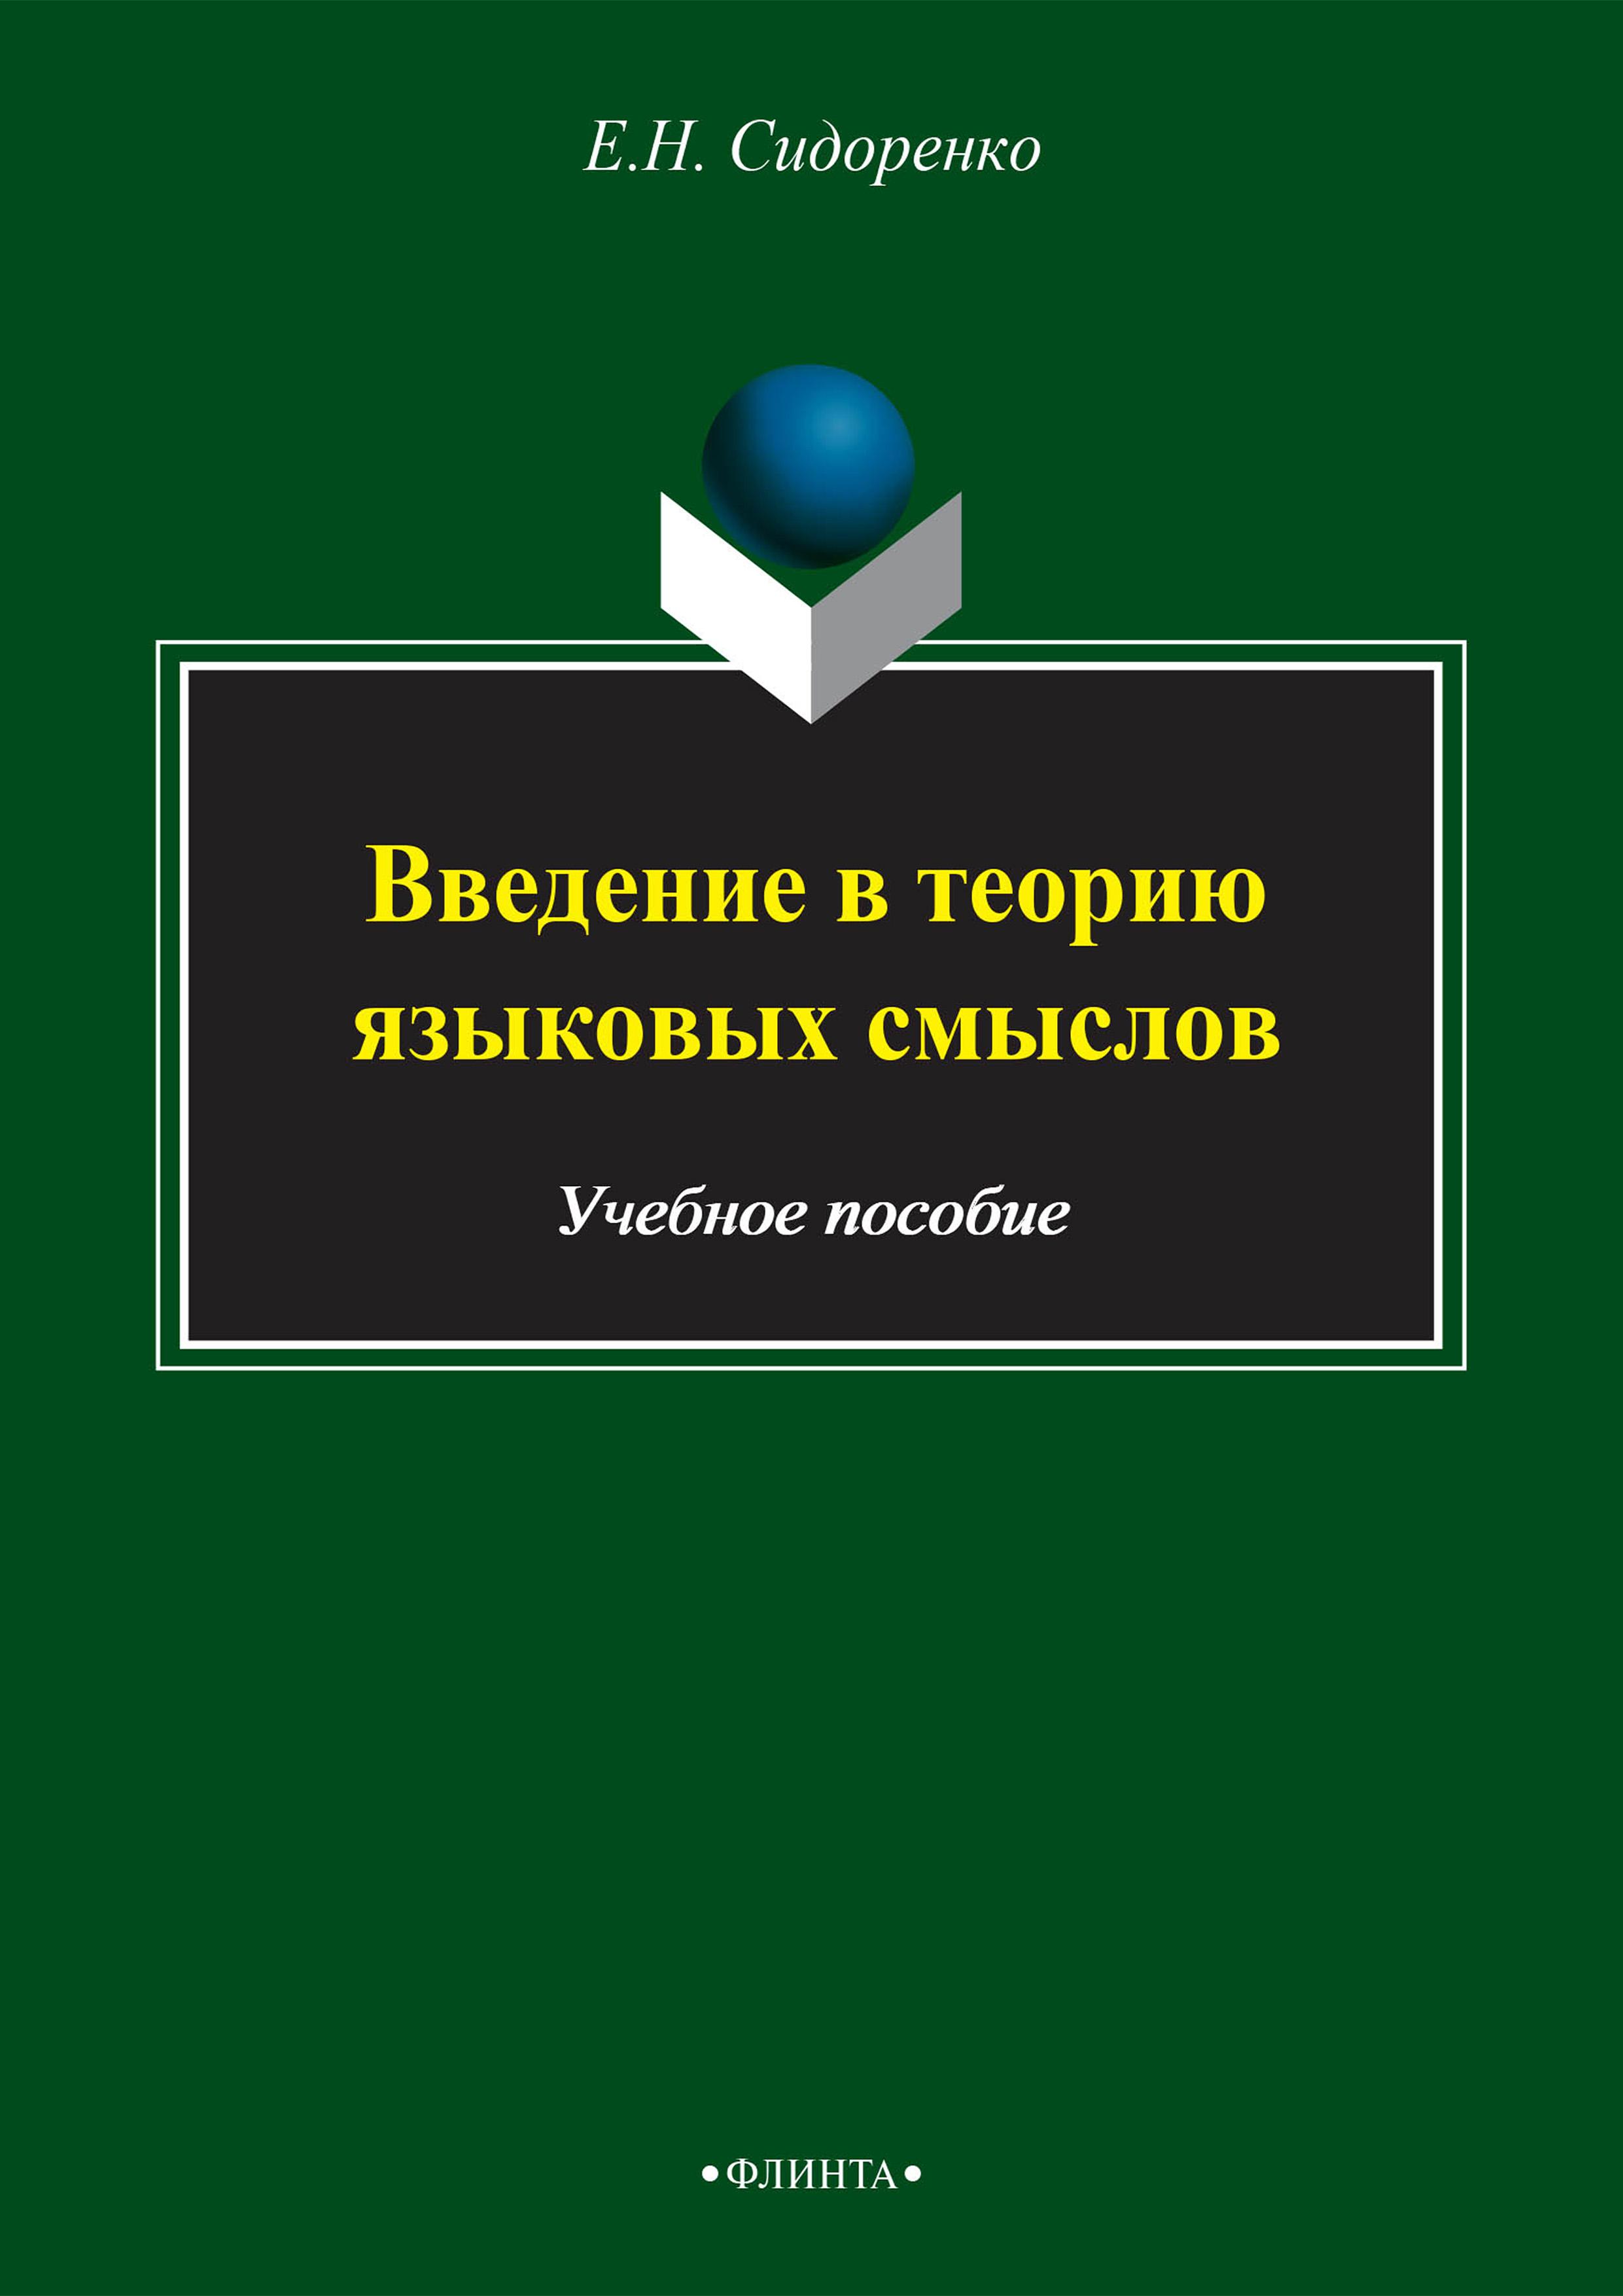 Е. Н. Сидоренко Введение в теорию языковых смыслов. Учебное пособие в н синюков российская правовая система введение в общую теорию